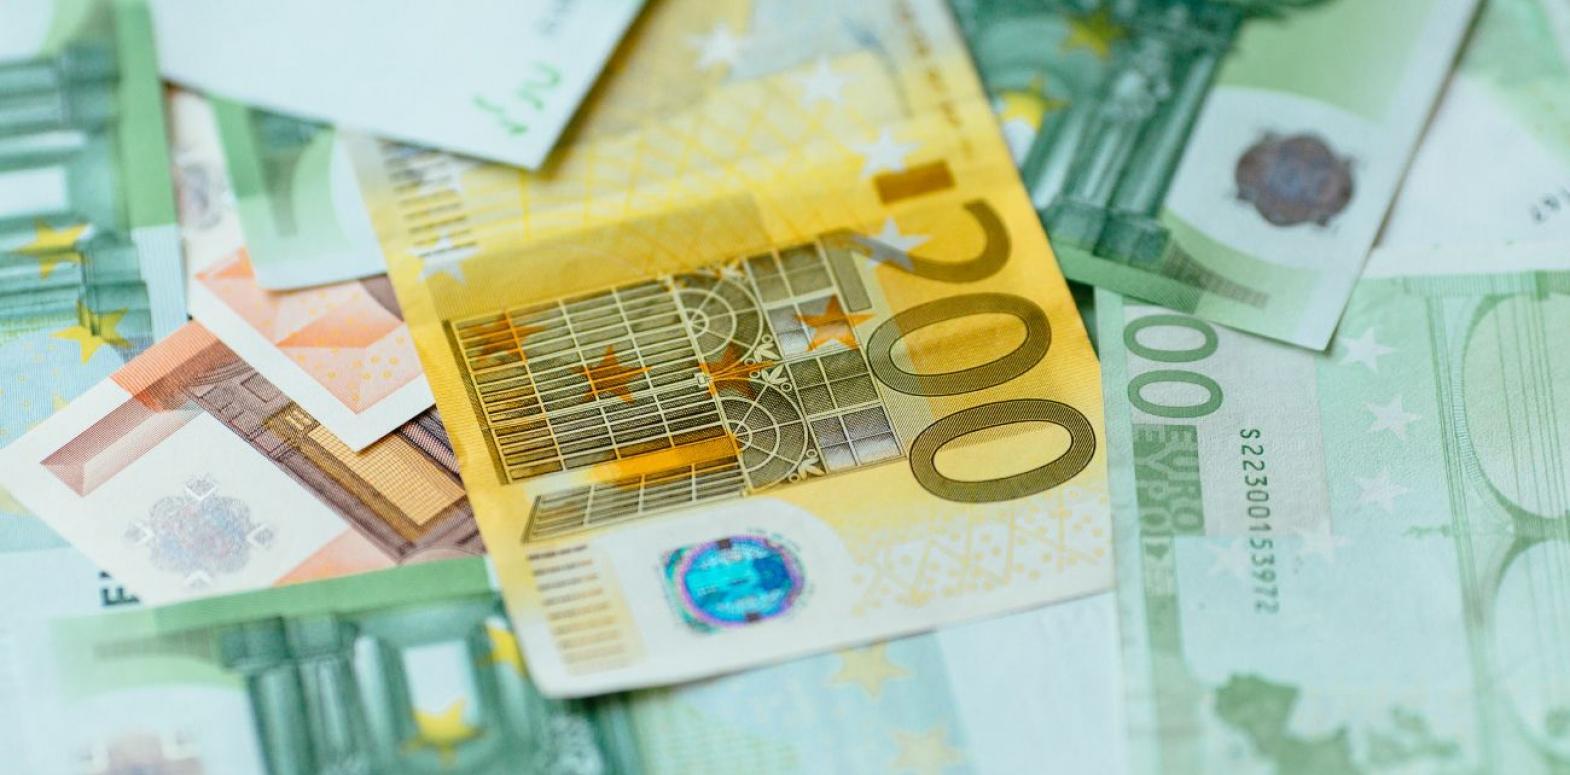 Курс евро упал до минимума за 10 месяцев